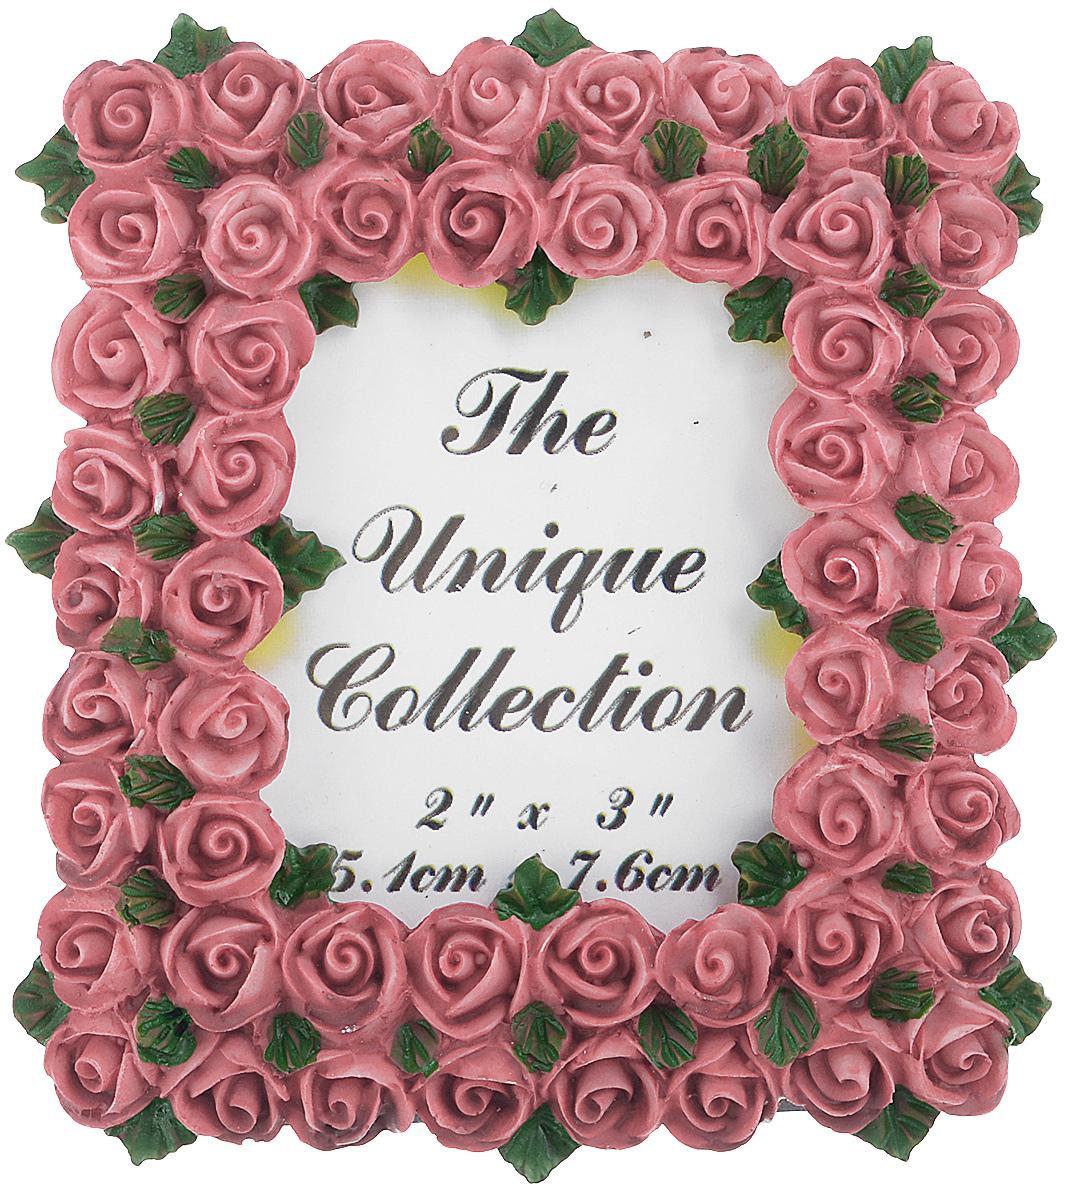 Декоративная фоторамка Home Queen Букет роз, цвет: бледно-розовый, 5,1 х 7,6 см64058_бледно-розовыйДекоративная фоторамка Home Queen Букет роз поможет вам оригинально дополнить интерьер помещения. Фоторамка декорирована изображением роз. Задняя сторона оснащена ножкой для размещения на столе. Такая рамка позволит сохранить на память изображения дорогих вам людей и интересных событий вашей жизни, а также станет приятным подарком для каждого. Размер фотографии: 5,1 см х 7,6 см. Размер фоторамки: 8 см х 8,5 см.